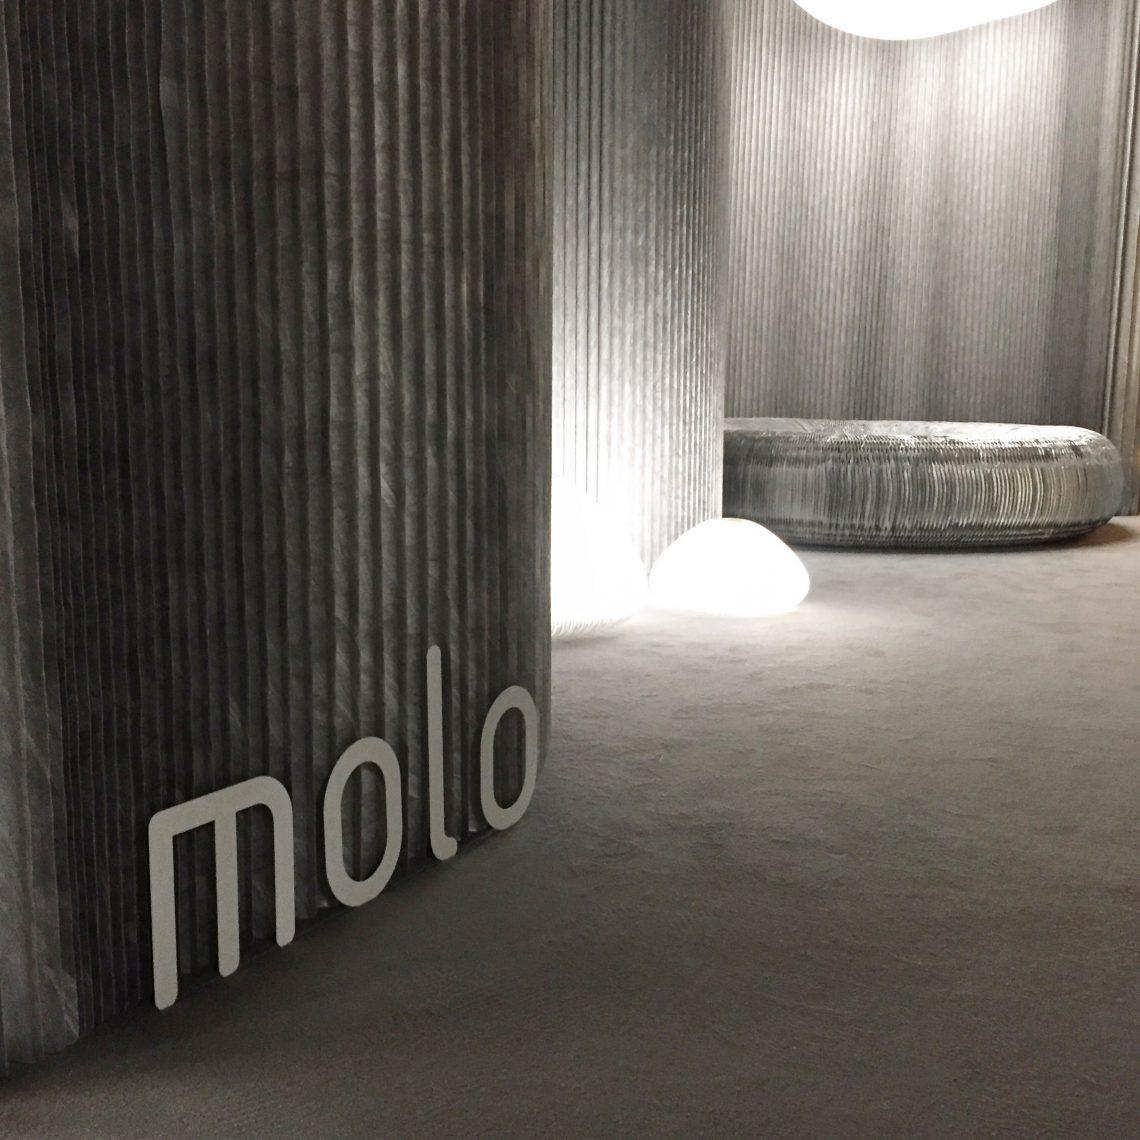 Fabrikant Molo: design van flexibele, modulair (akoestische)wanden, meubilair en verlichting.